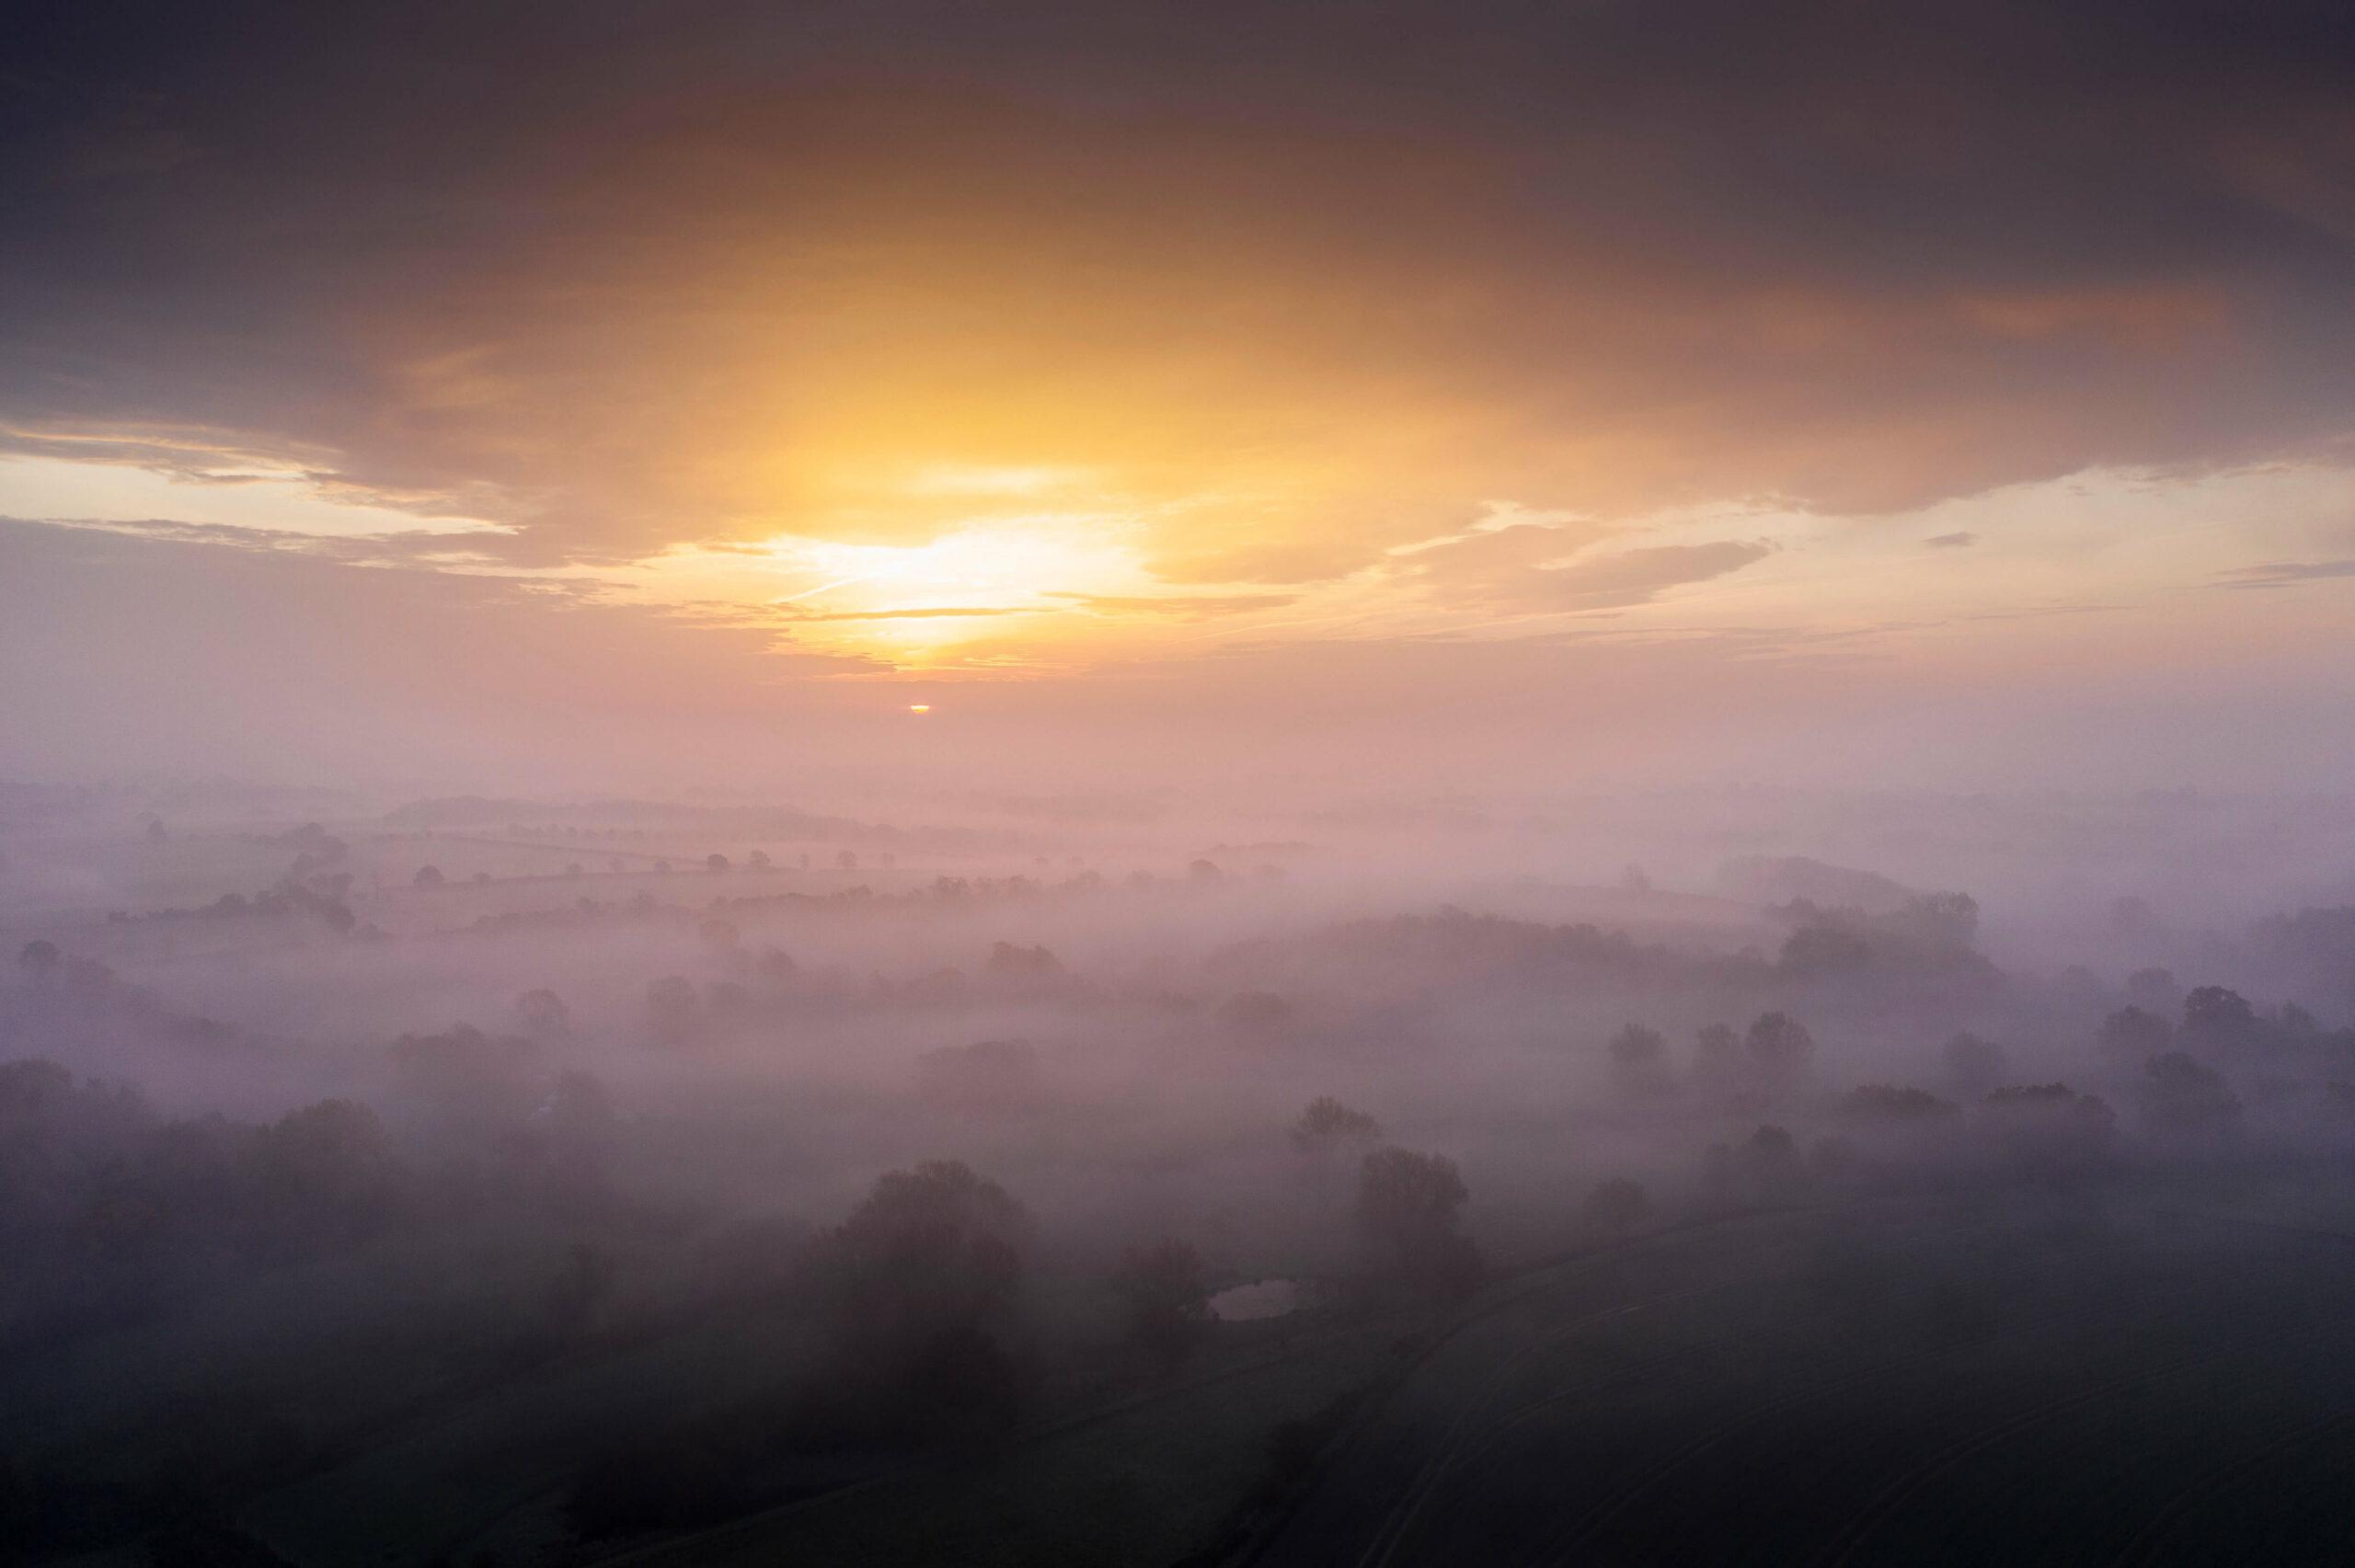 Fynn Valley dawn